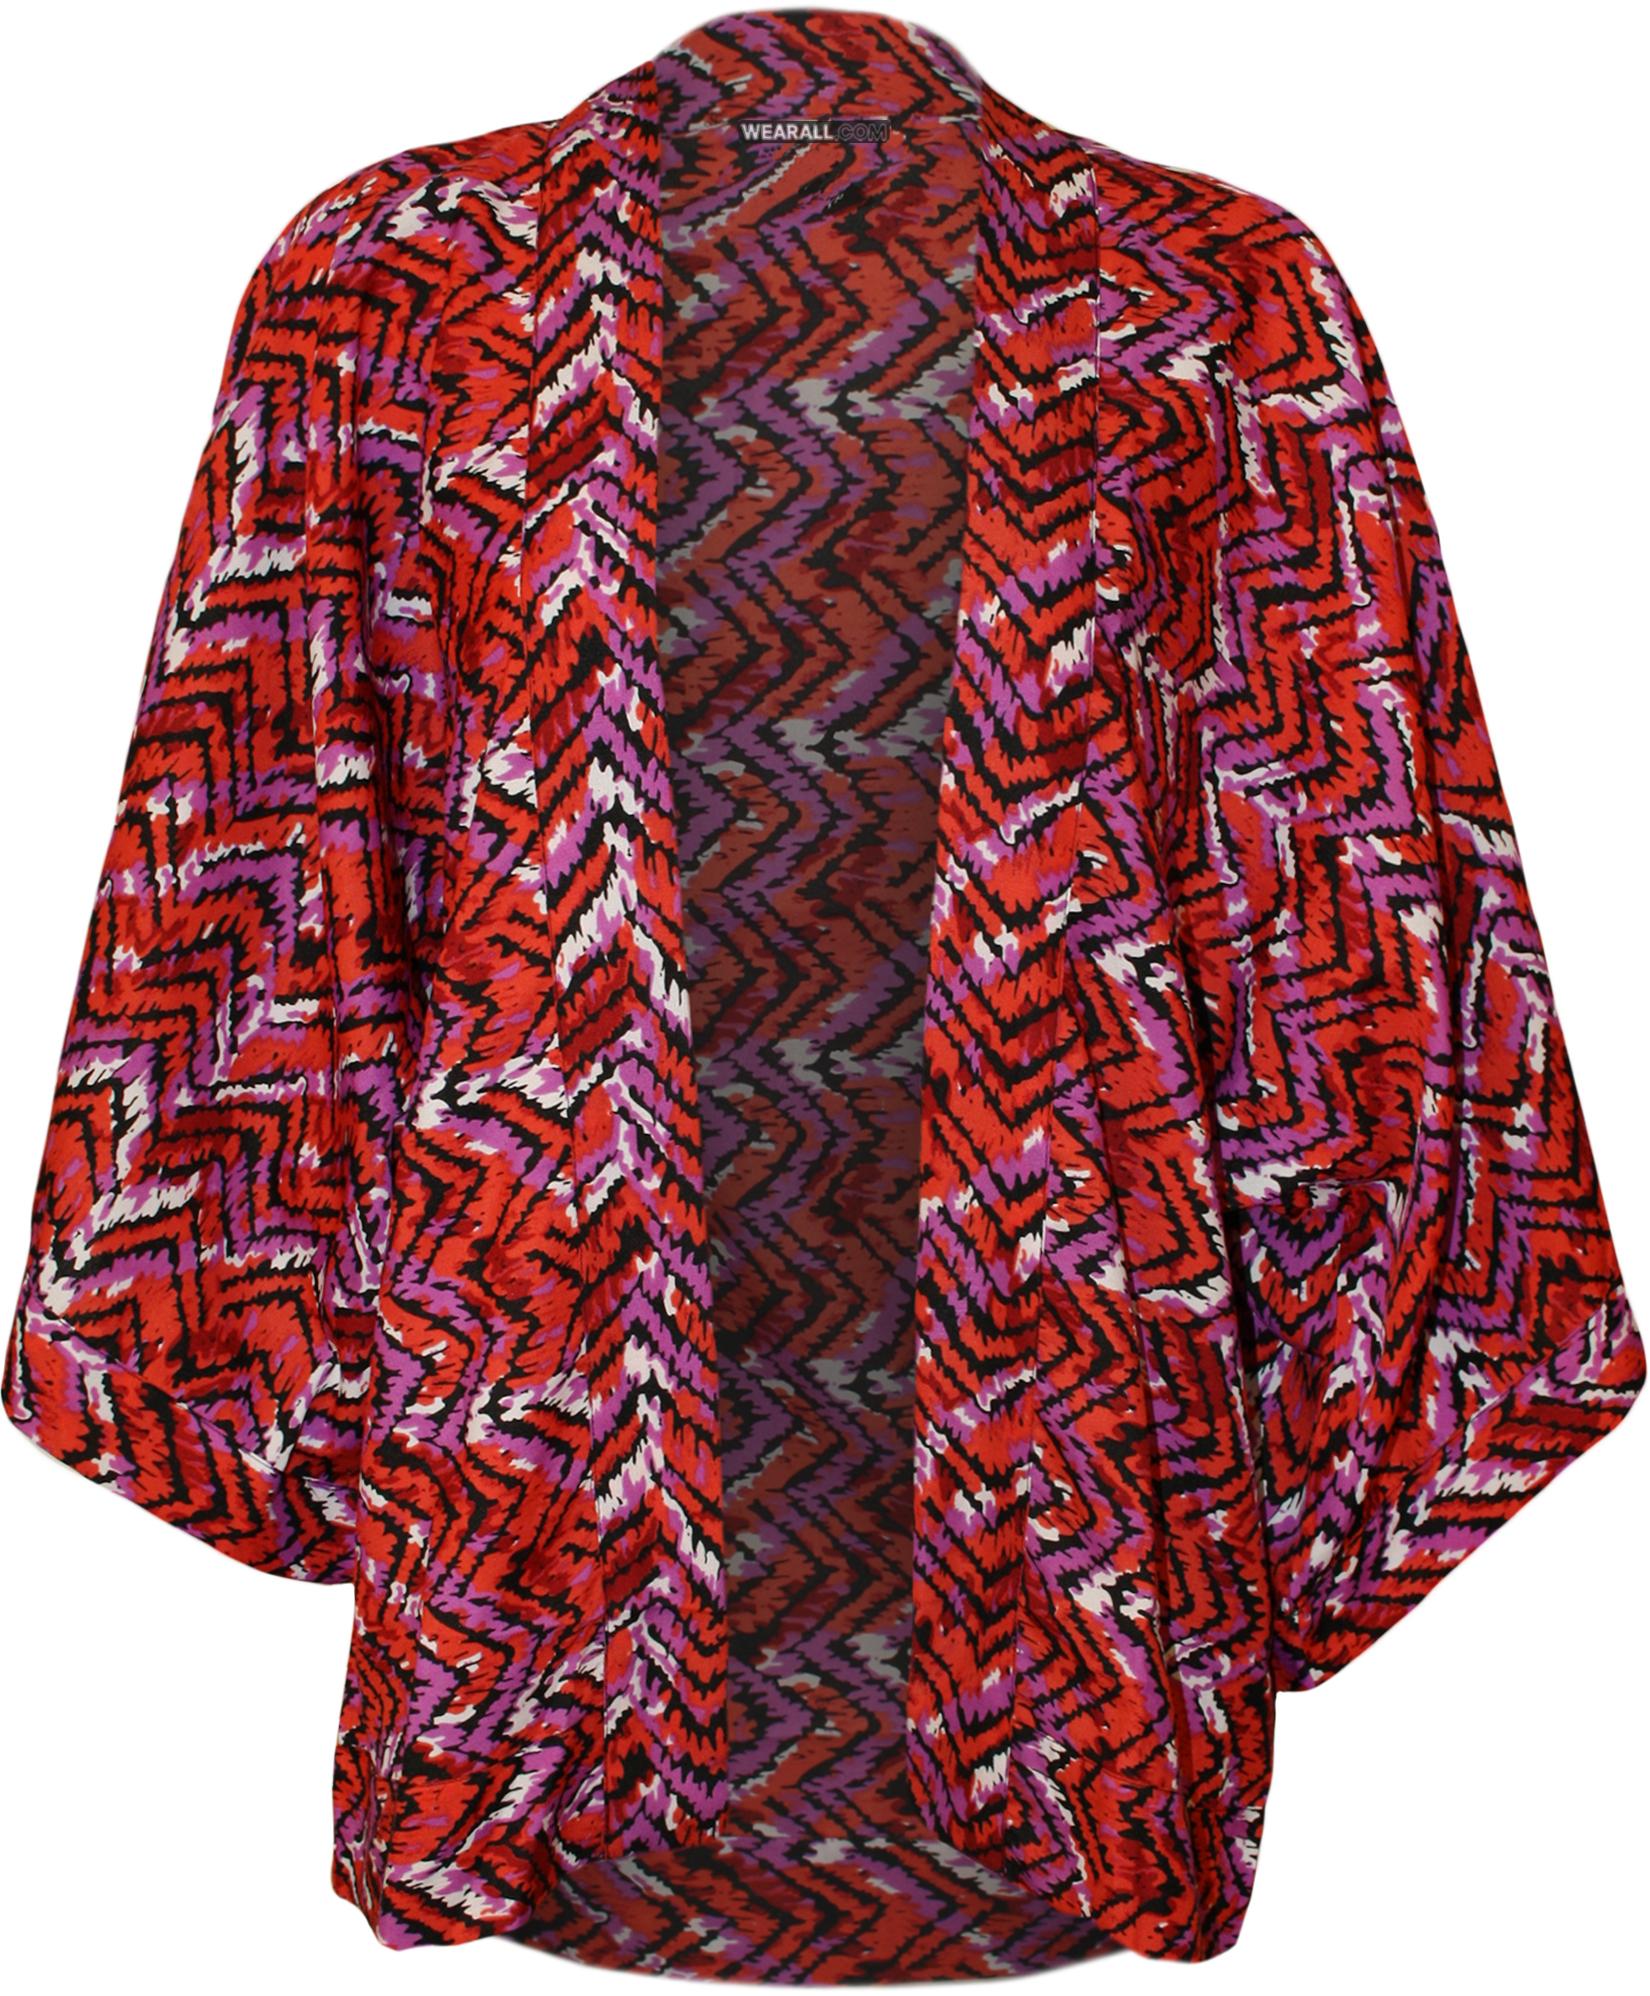 Damen strickjacke blumenmuster 3 4 rmel kimono offen - Kimono jacke damen ...